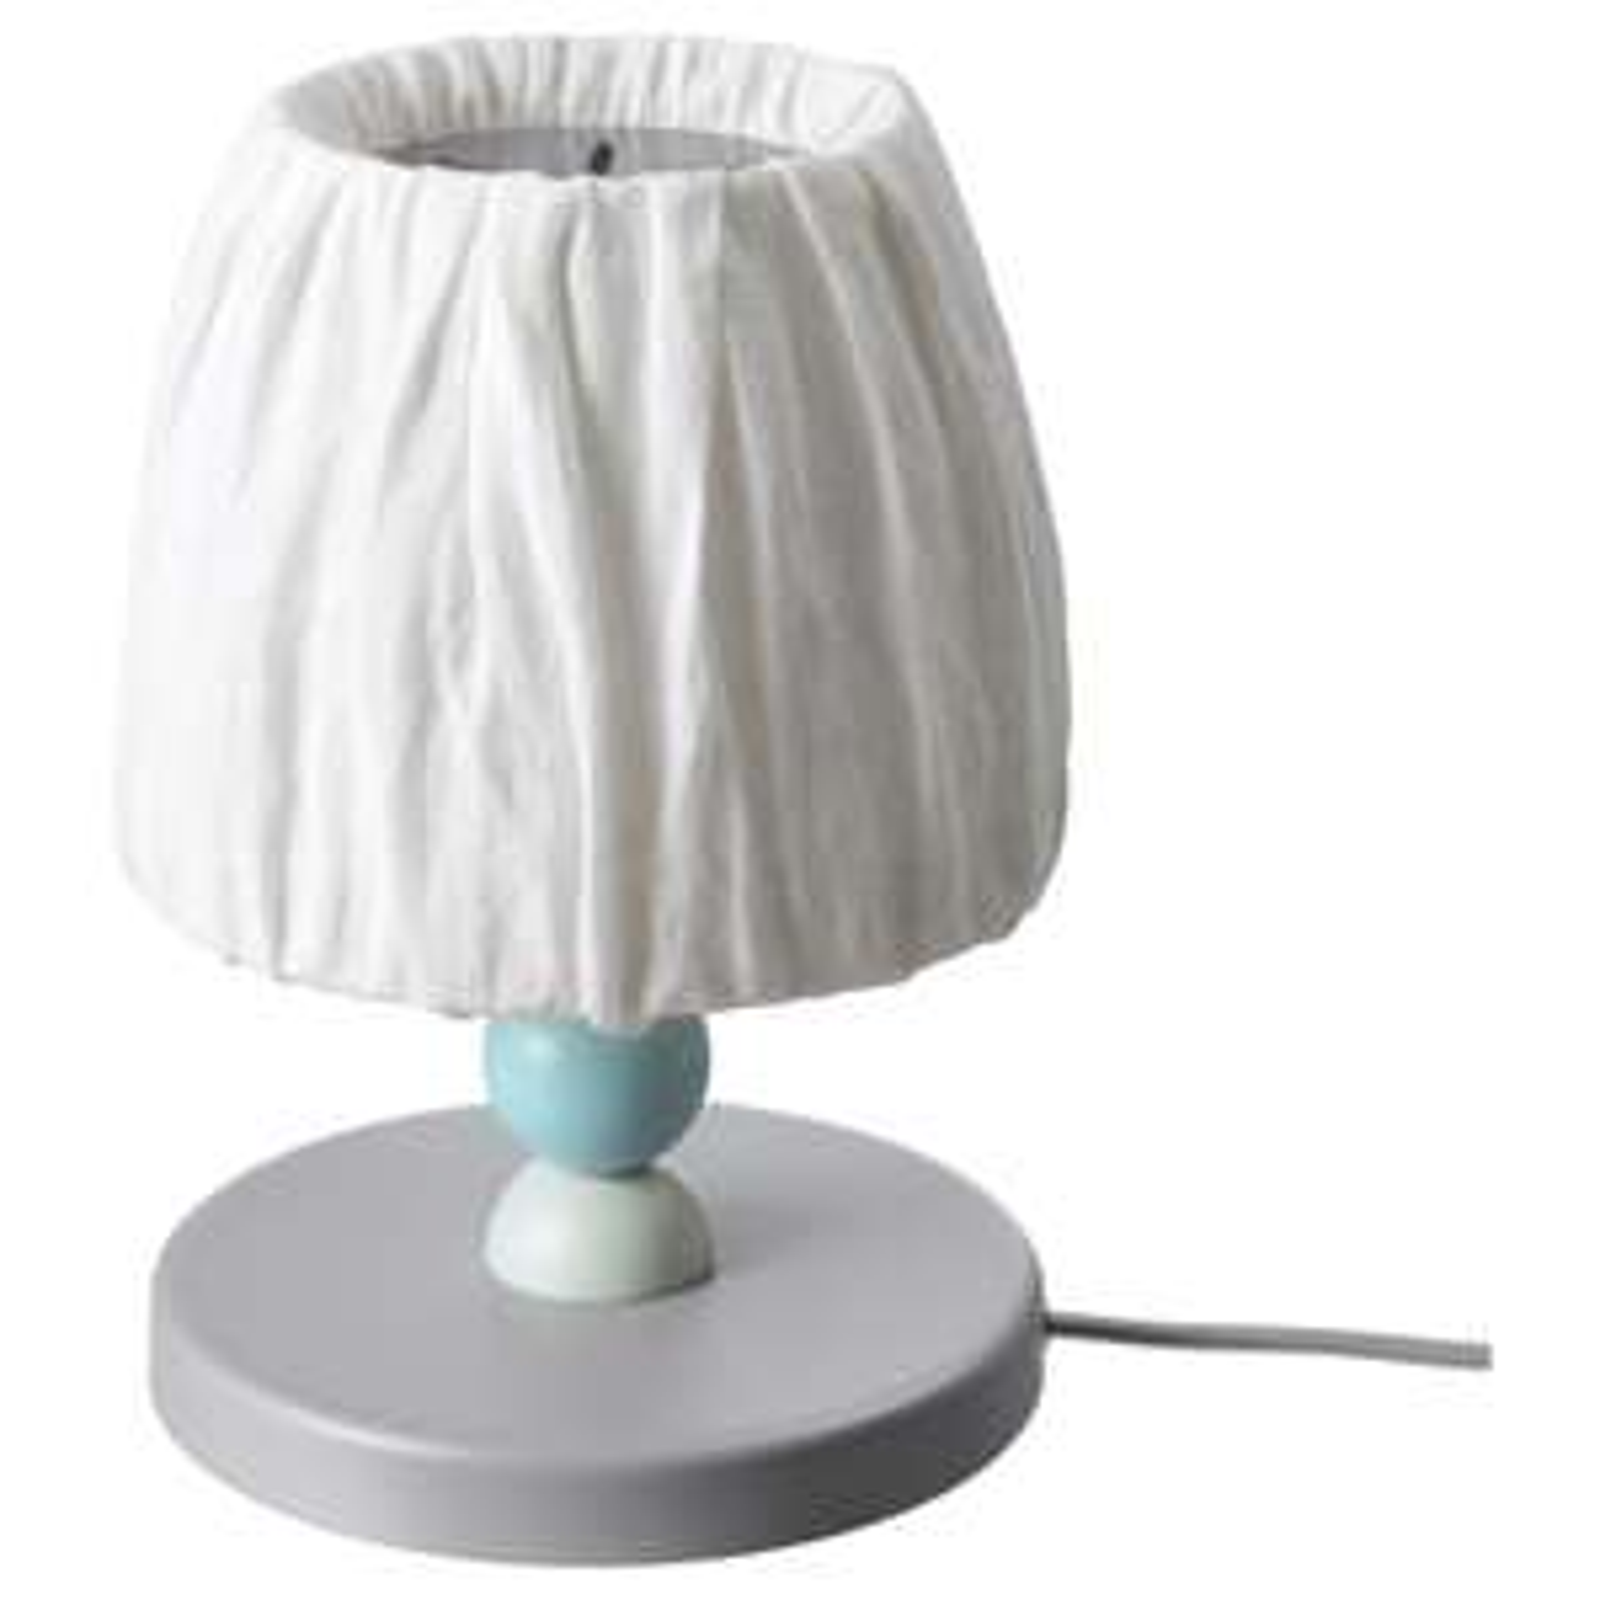 LANTLIG children's LED table lamp, grey for £15 in-store @Ikea